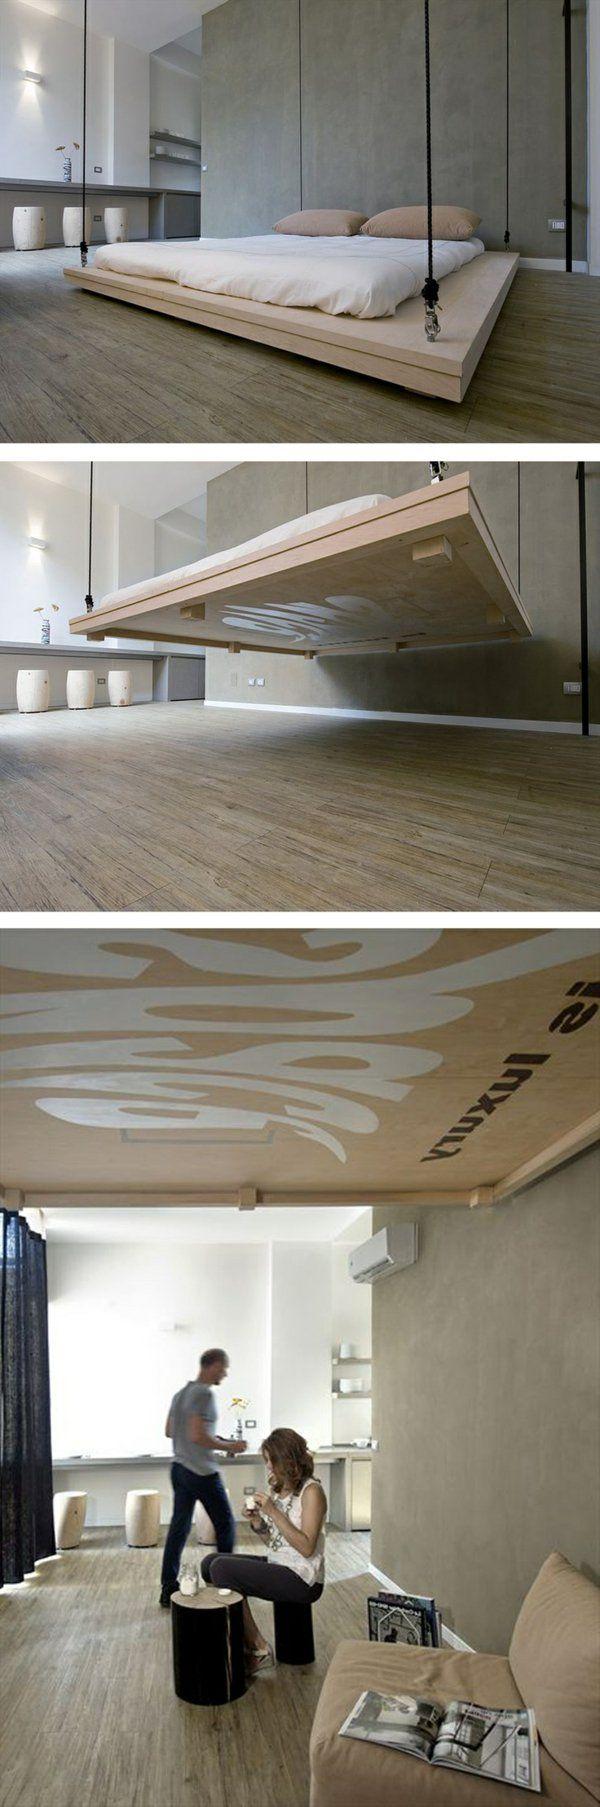 best 25 pallet loft bed ideas on pinterest kids pallet. Black Bedroom Furniture Sets. Home Design Ideas